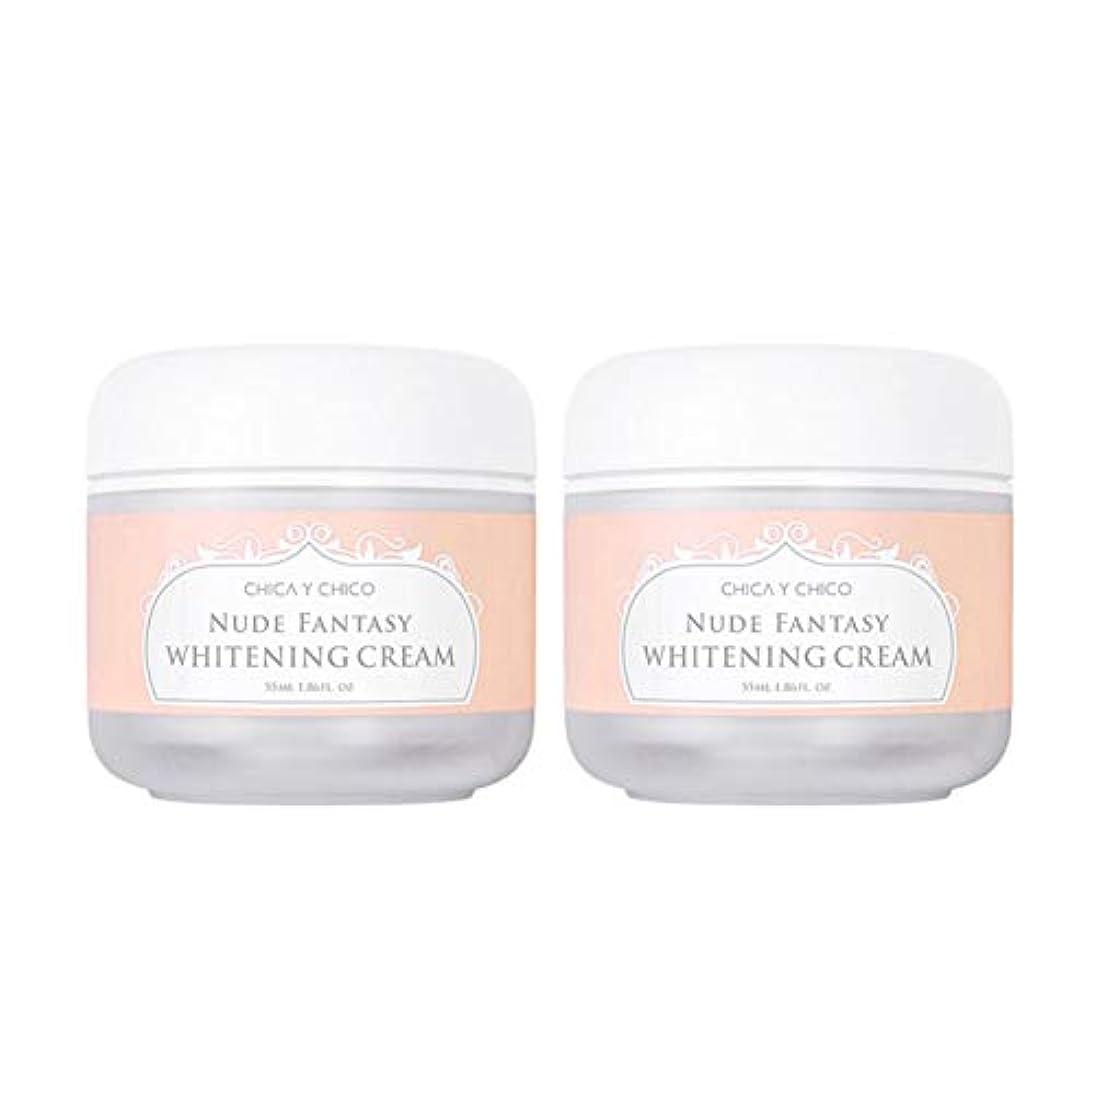 チカ?イ?チーコヌードファンタジーホワイトニングクリーム55mlx2本セット韓国コスメ、Chica Y Chico Nude Fantasy Whitening Cream 55ml x 2ea Set Korean Cosmetics...